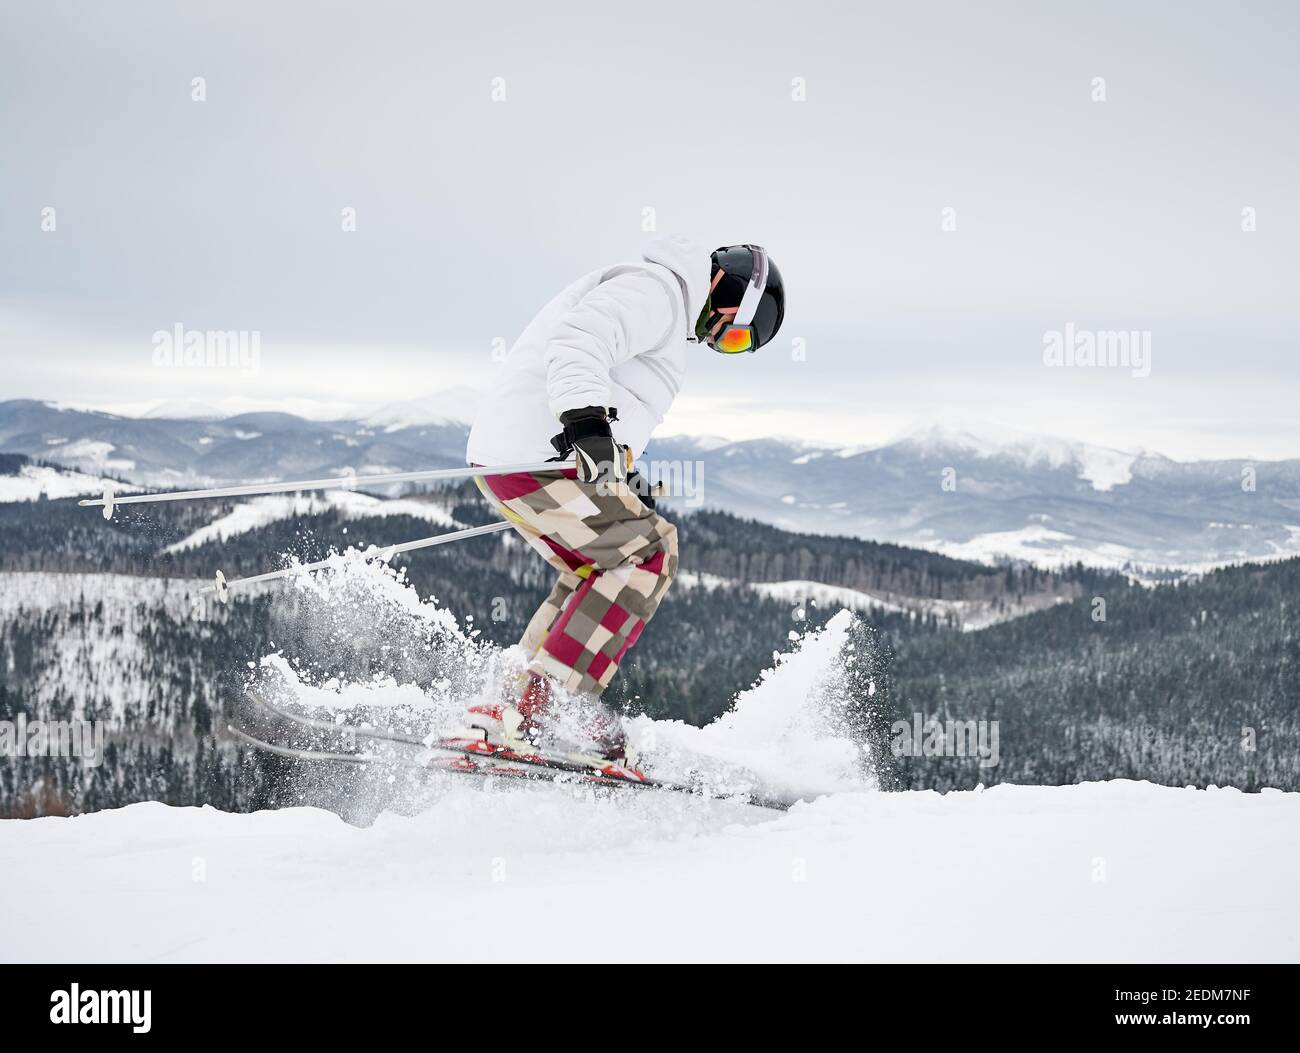 Toda la longitud de esquí alpino esquiador en nieve fresca en polvo en las montañas de invierno. Hombre freerider en invierno pantalones de esquí haciendo saltar mientras se desliza por las pistas cubiertas de nieve. Concepto de deportes de invierno. Foto de stock